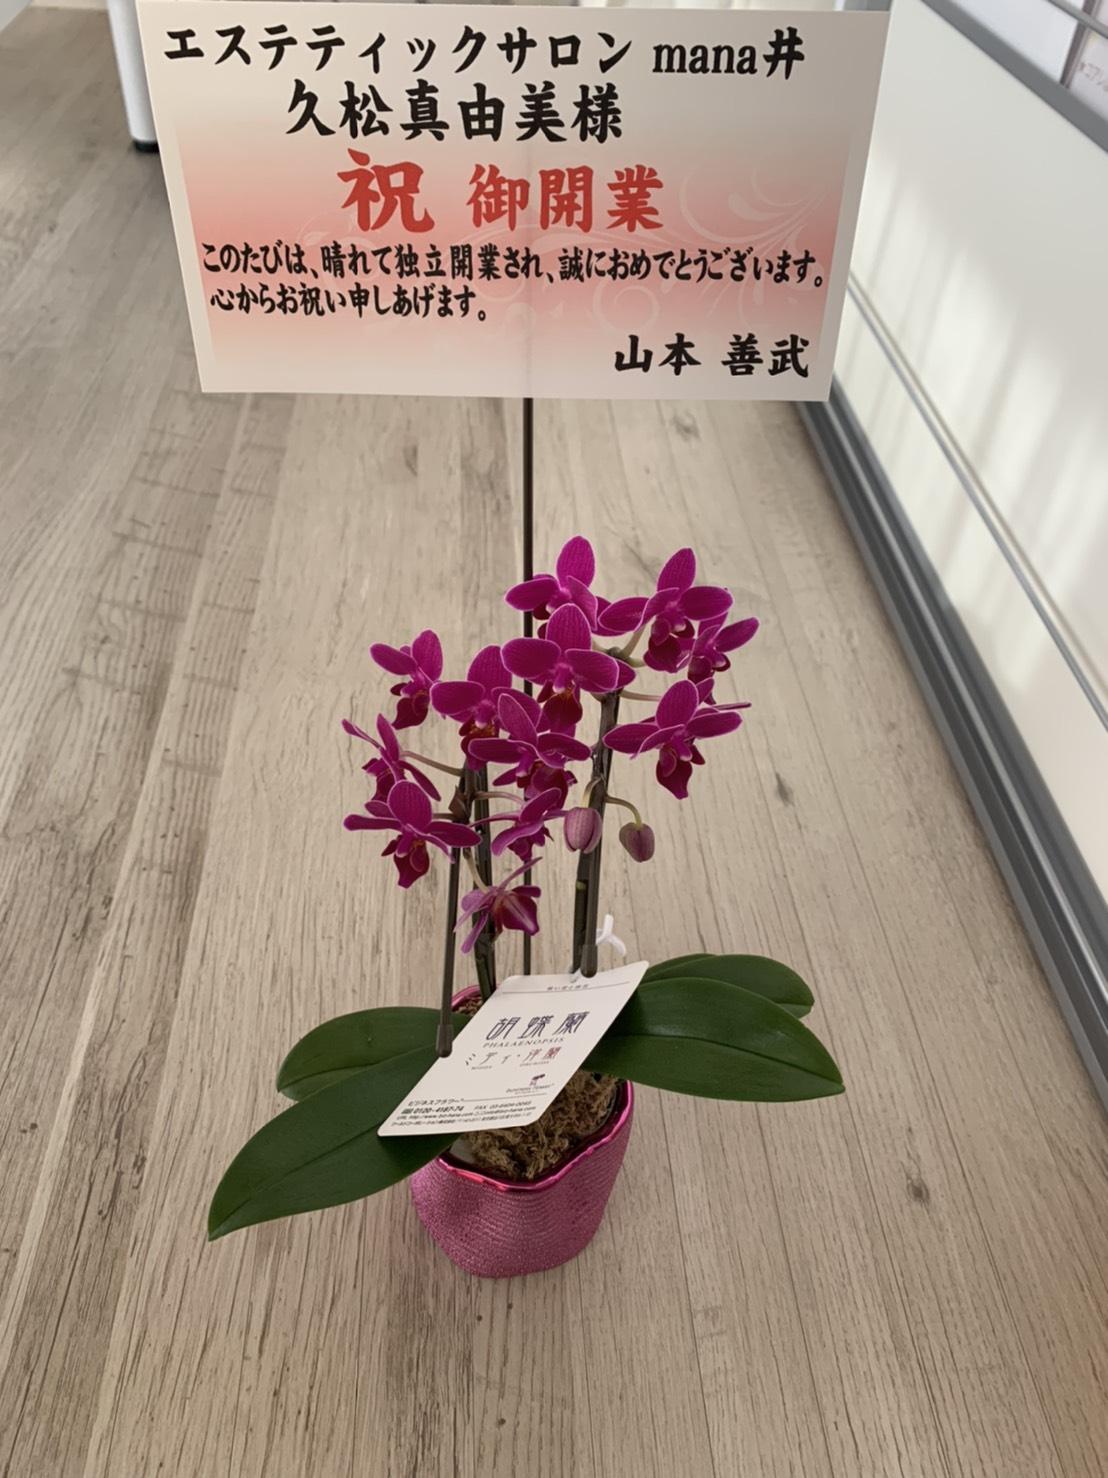 S  100352015 - エステティックサロン mana井さんOPEN